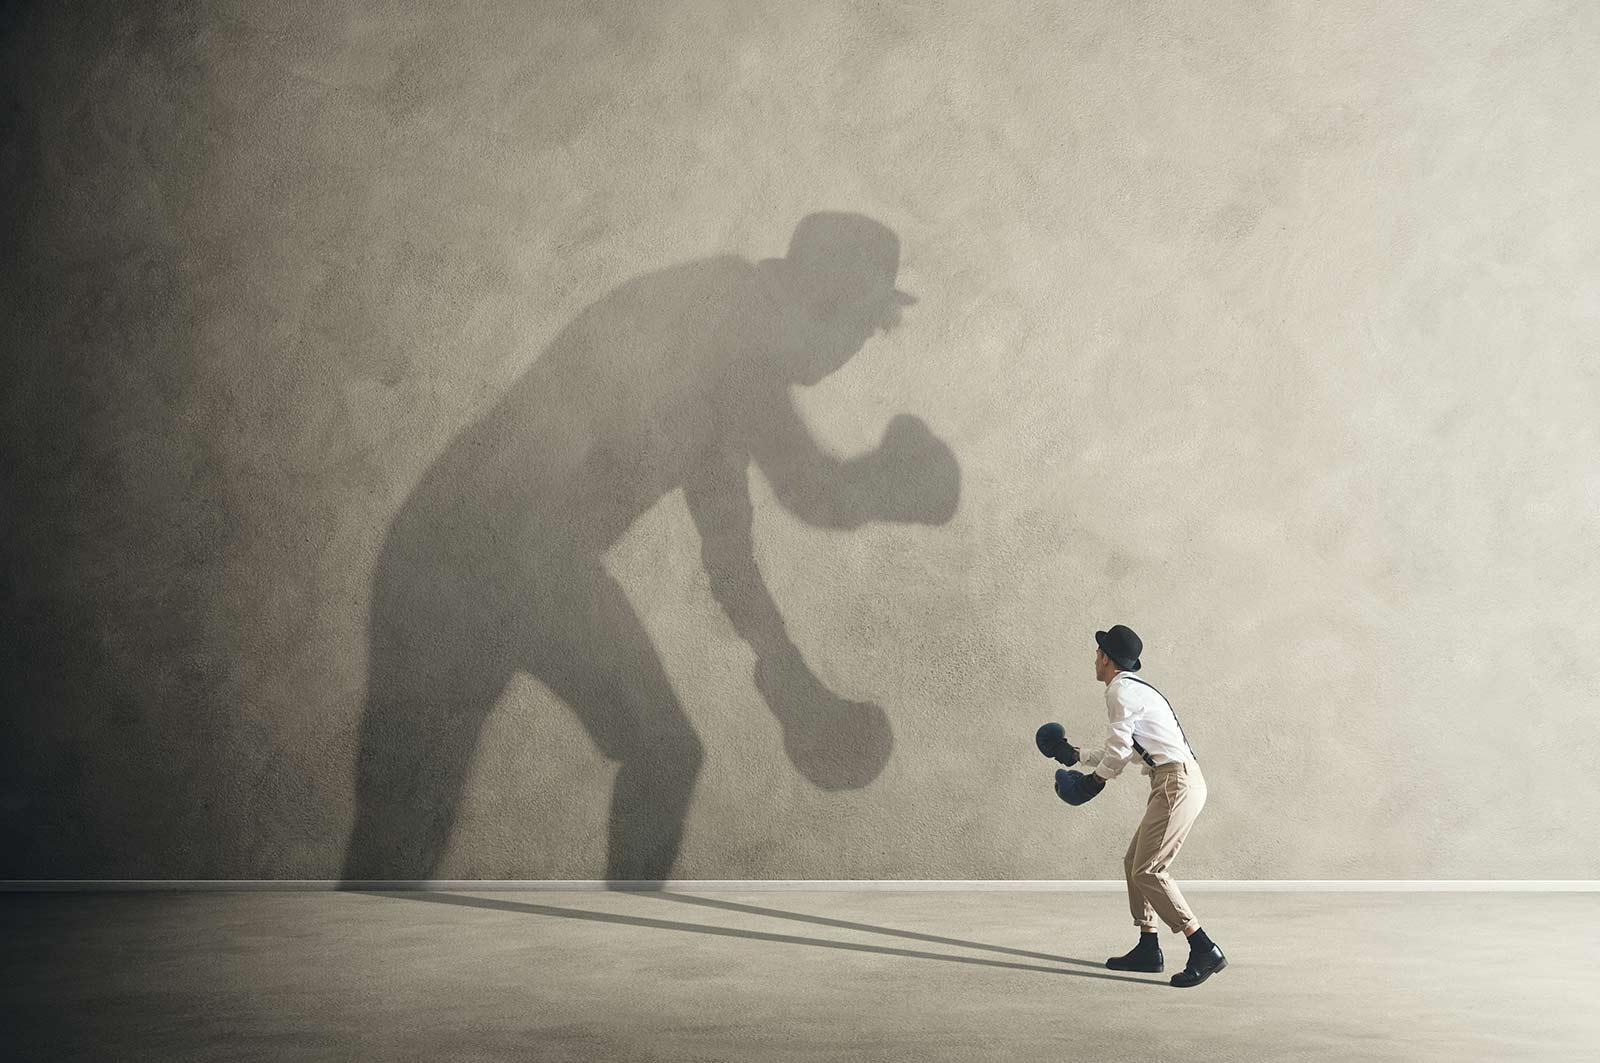 Persoon in gevecht met zichzelf Interventie counseling